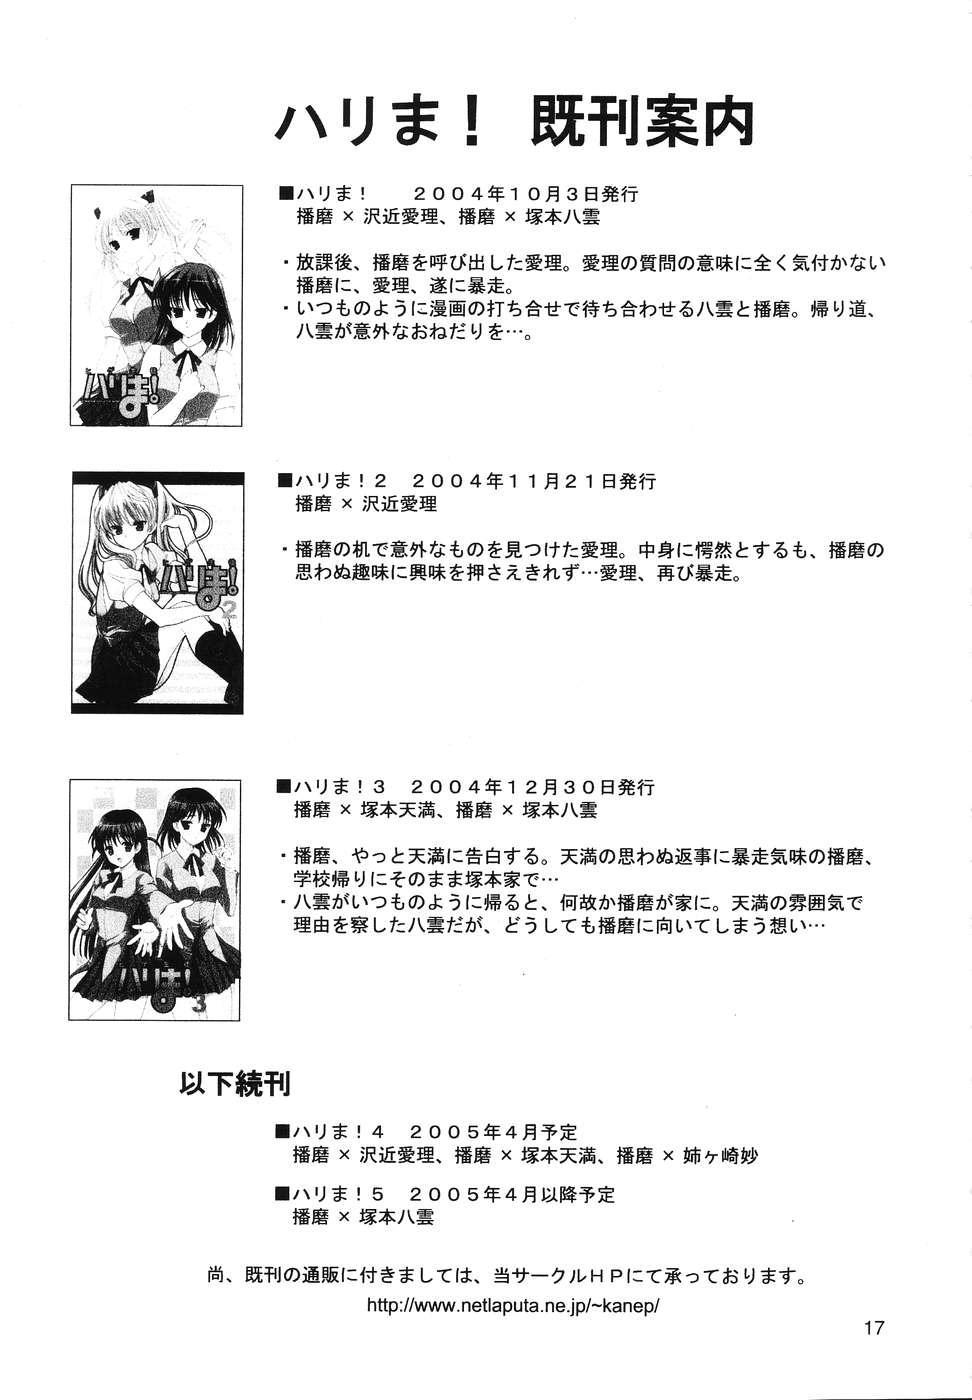 Hige-seito Harima! 3.5 15